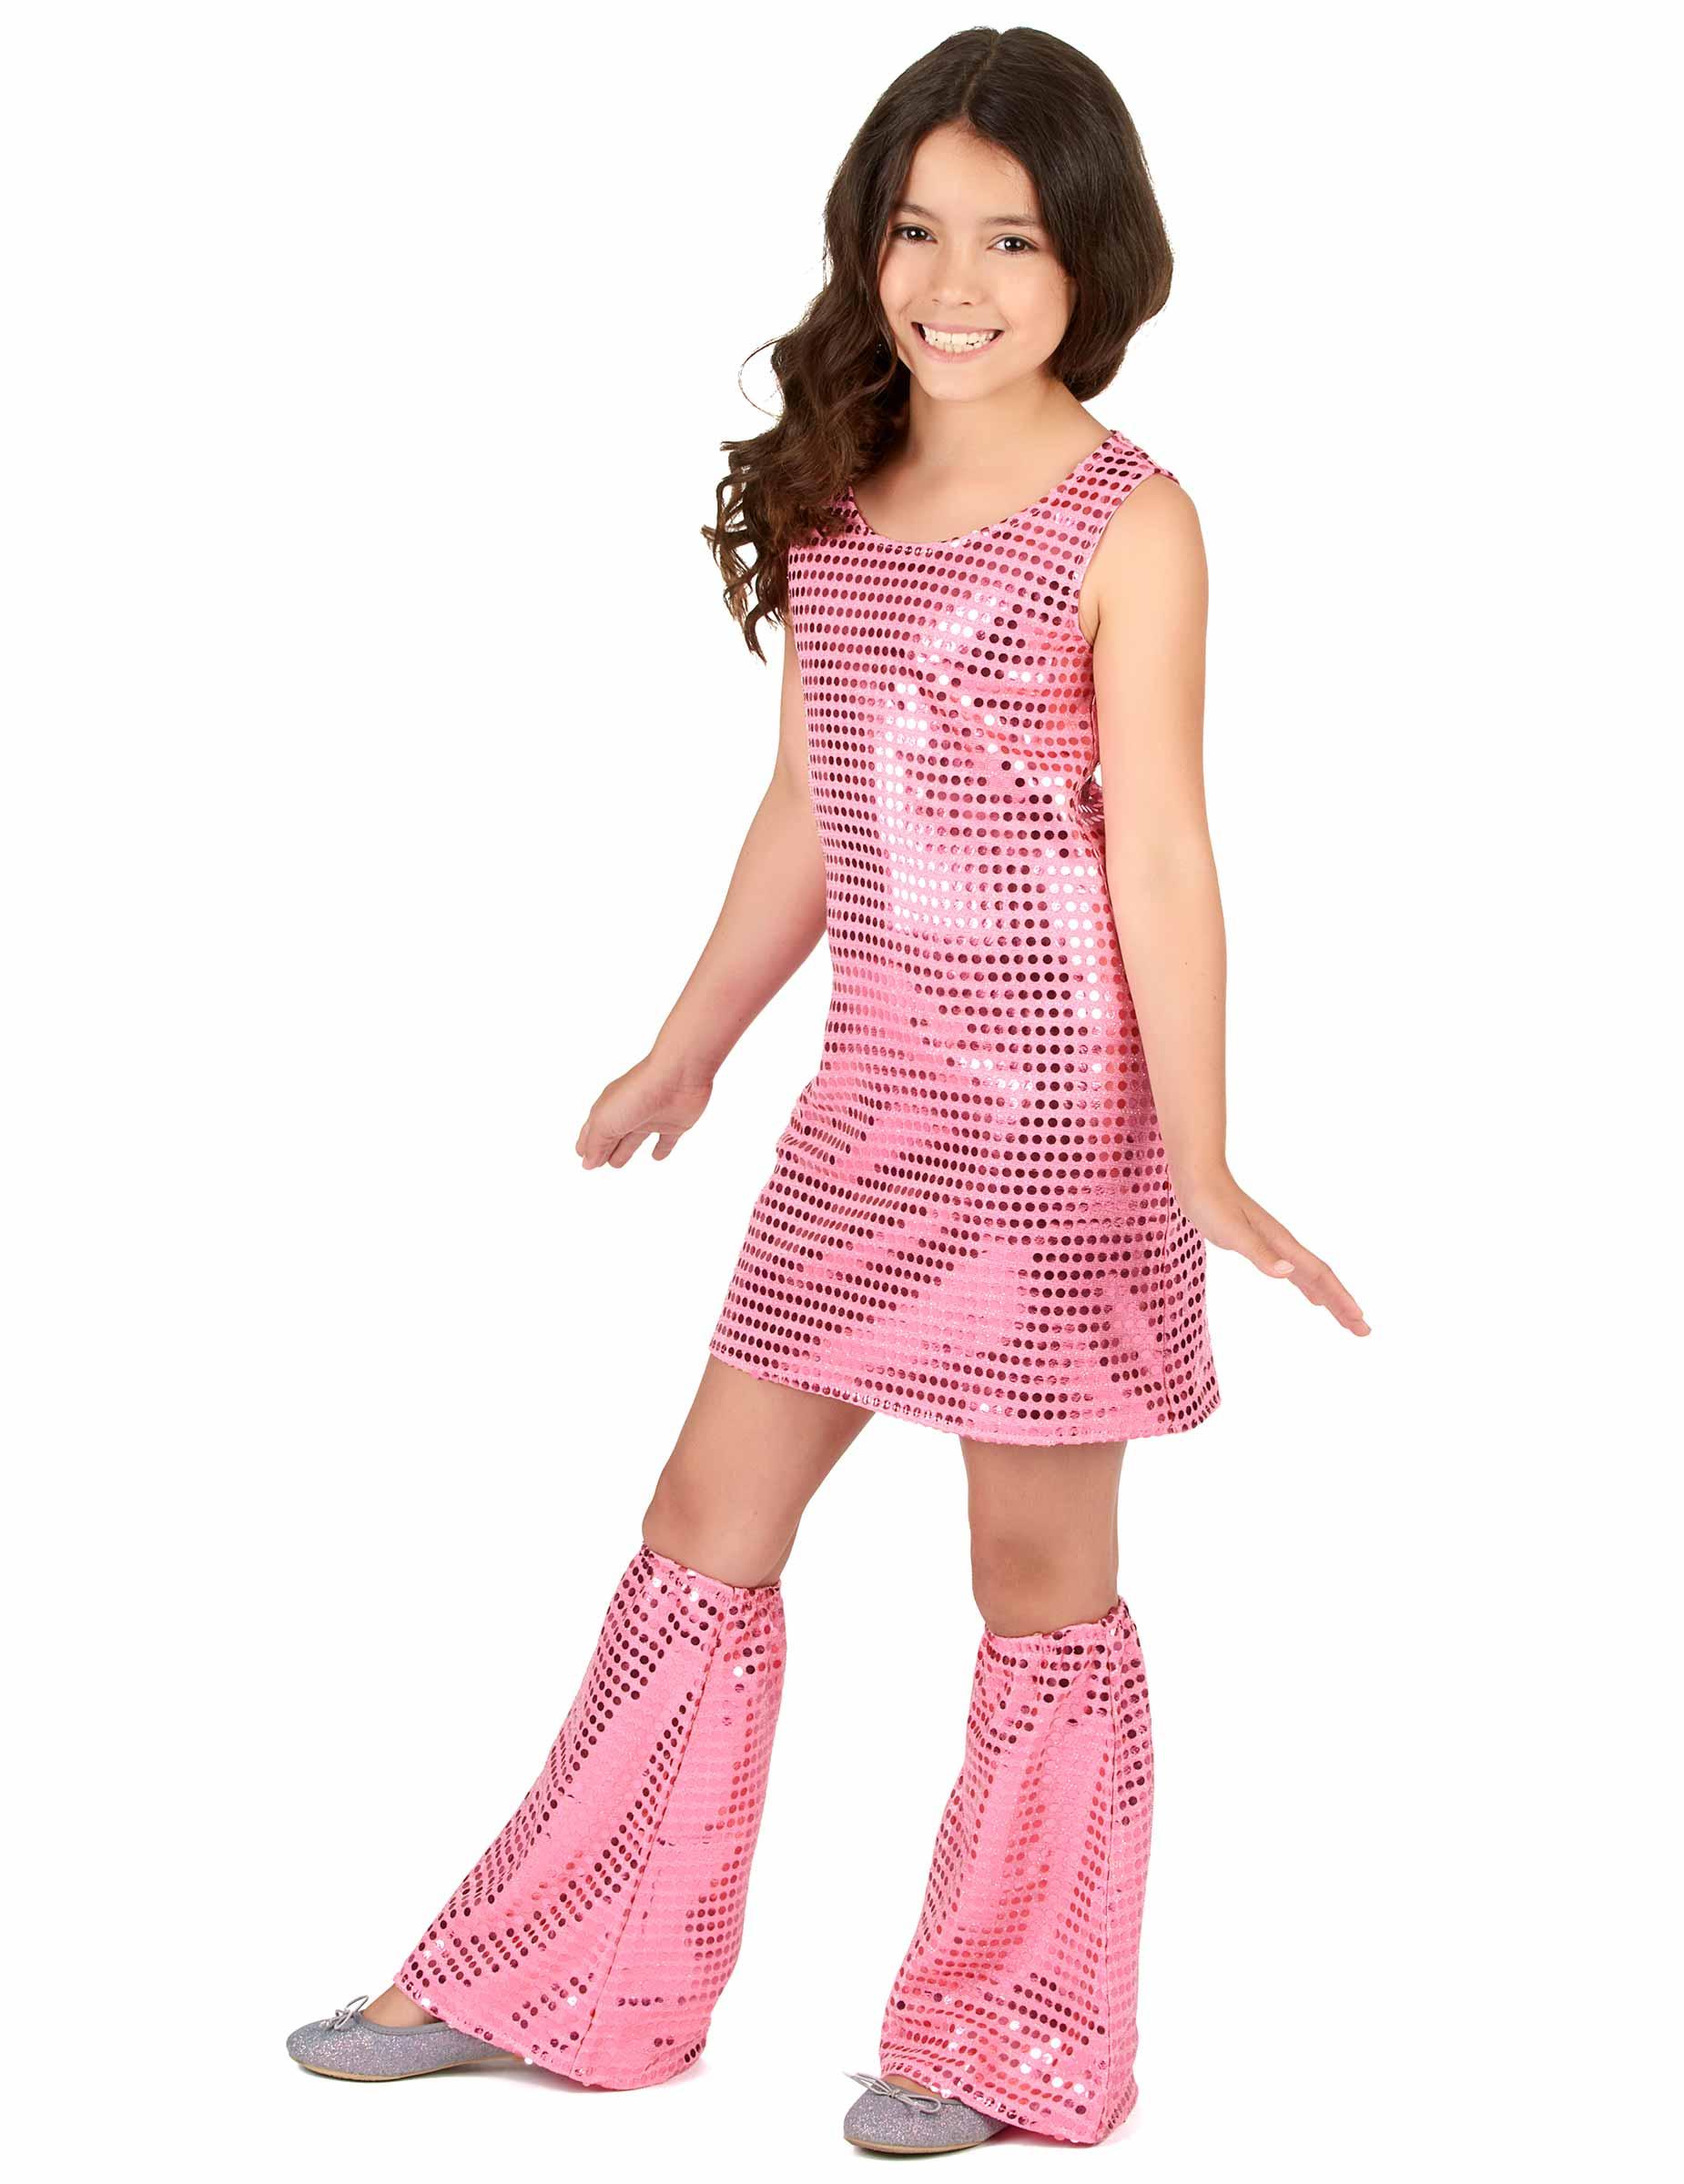 059b555e1ffdc8 Roze disco kostuum met lovertjes voor meisjes: Kinderkostuums,en ...